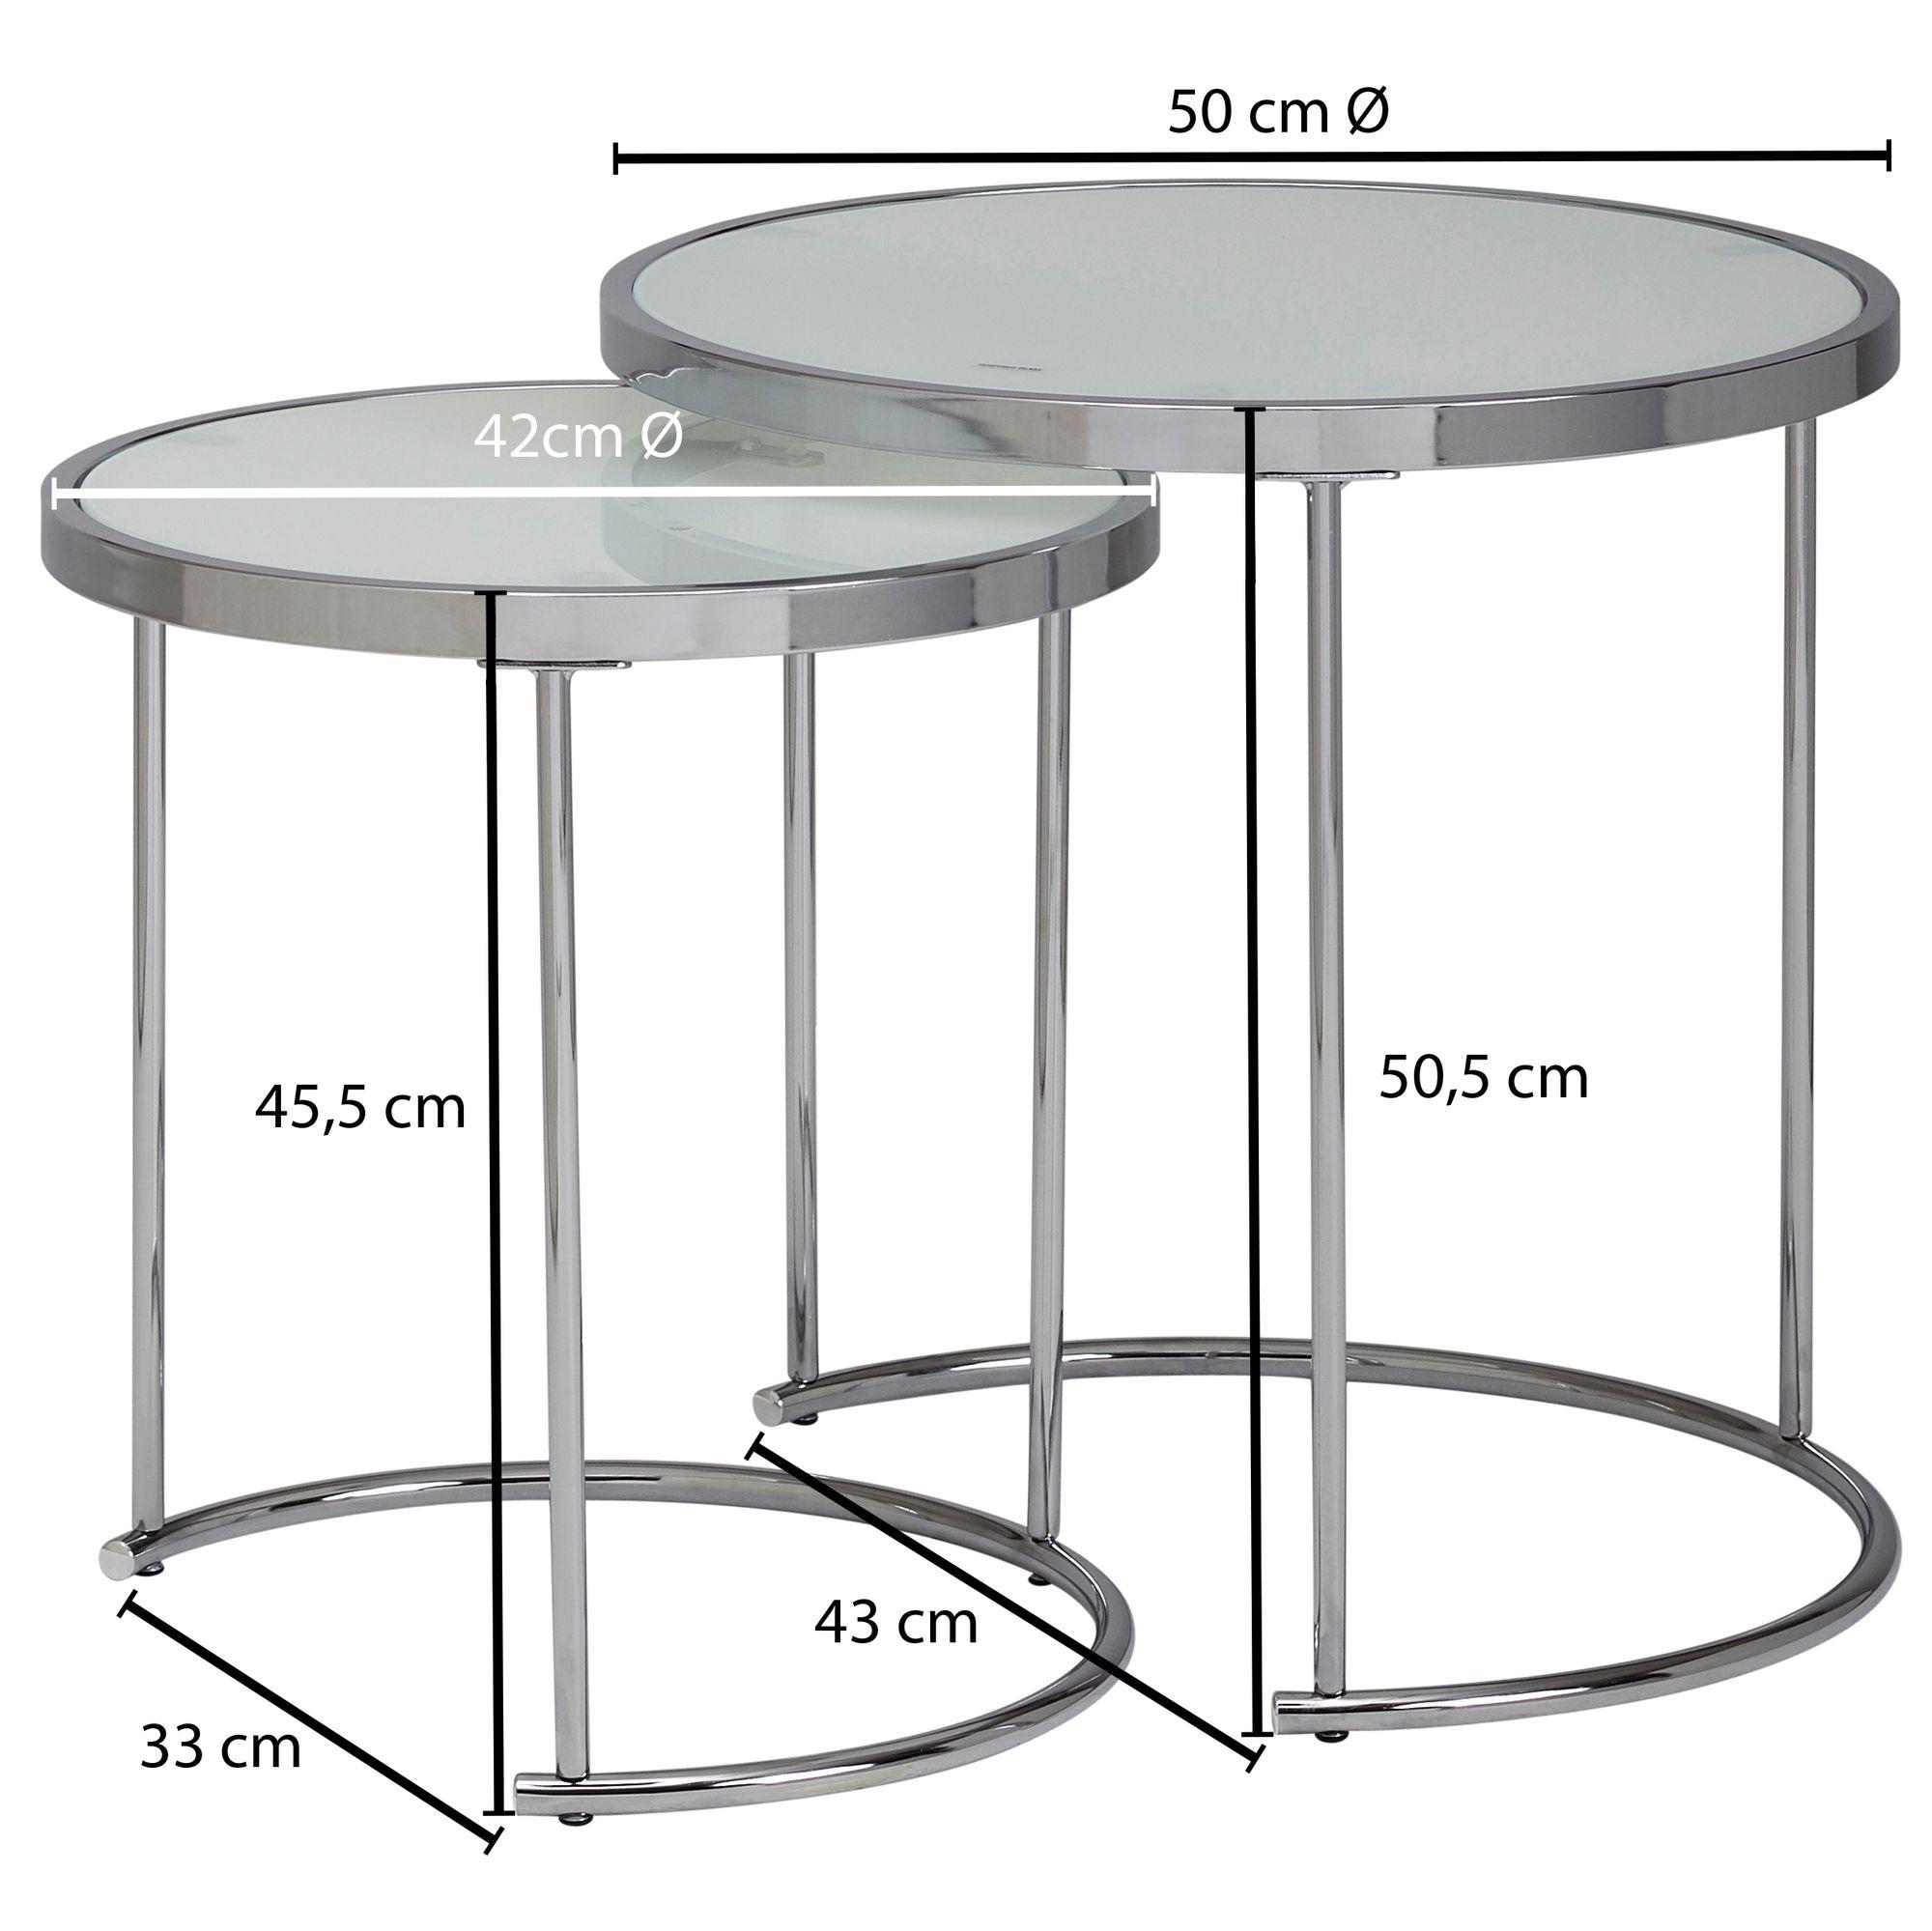 FineBuy Beistelltisch 2tlg Rund Wohnzimmertisch Weiß Glas Couchtisch Silber